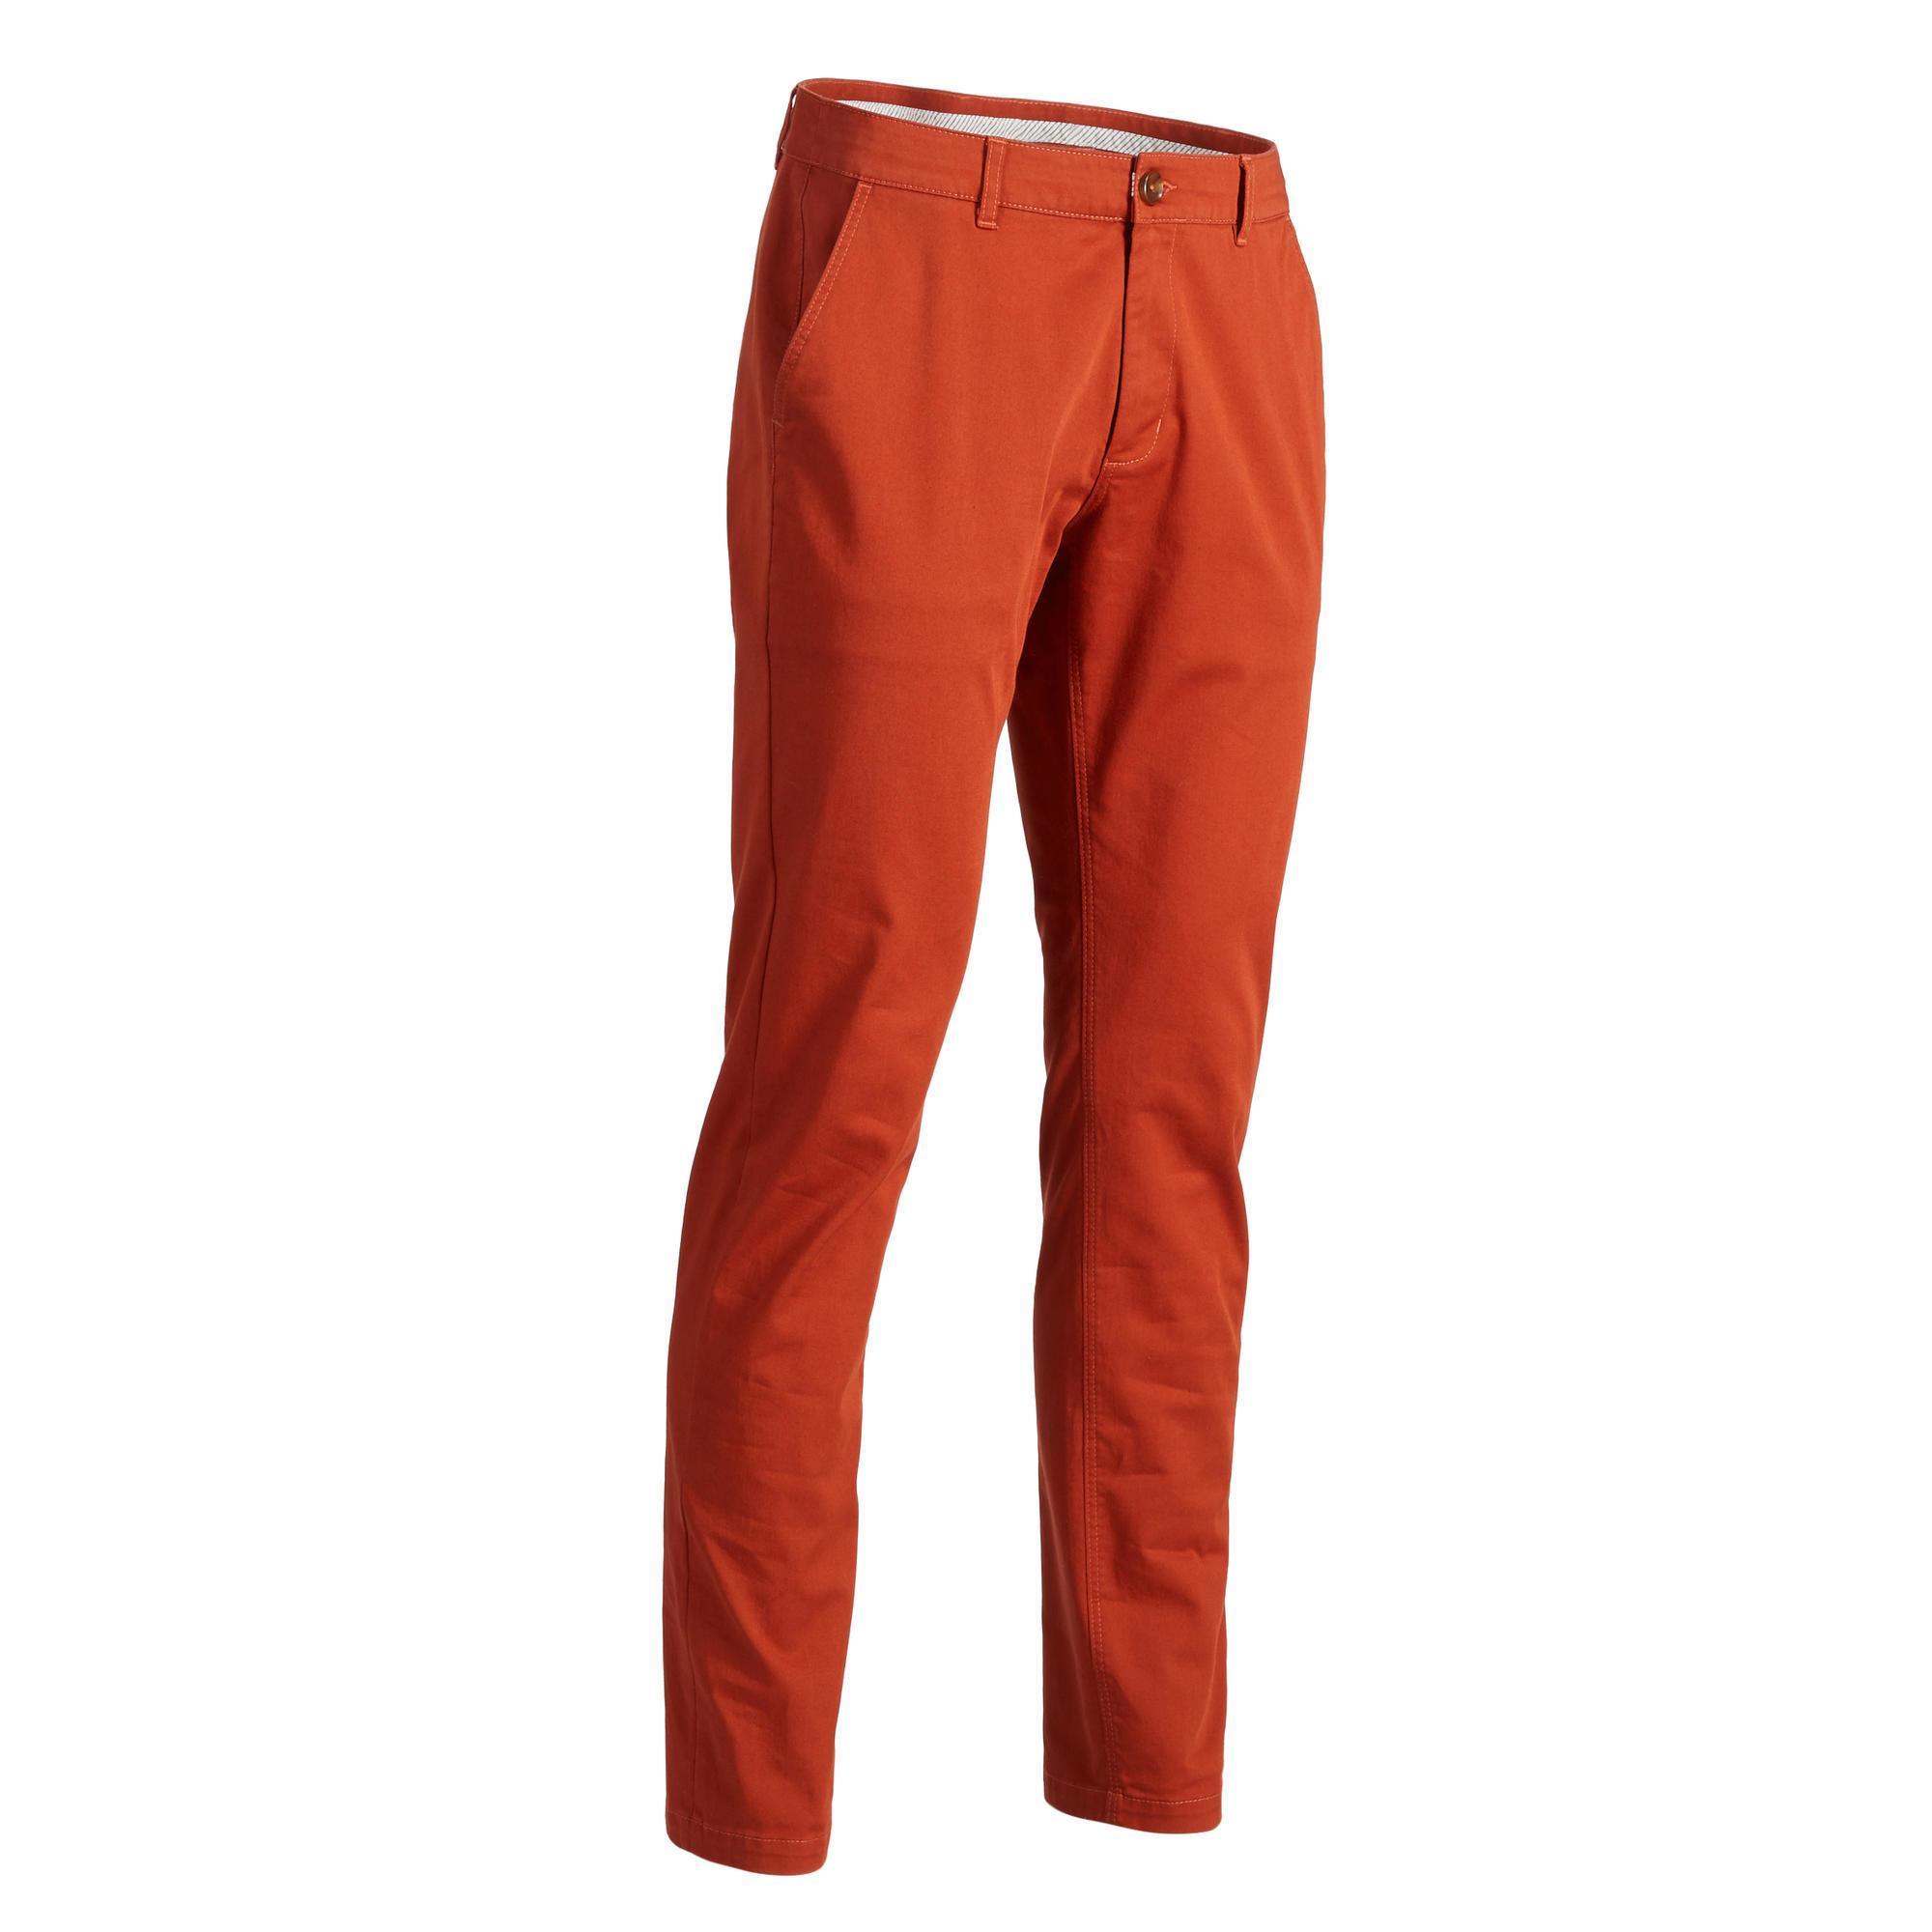 Zoek je Inesis Sportkleding heren Herenkleding per sport Heren? Inesis Golfbroek voor heren, zacht weer BRUIN maat  XL / W37 L34 het voordeligst hier